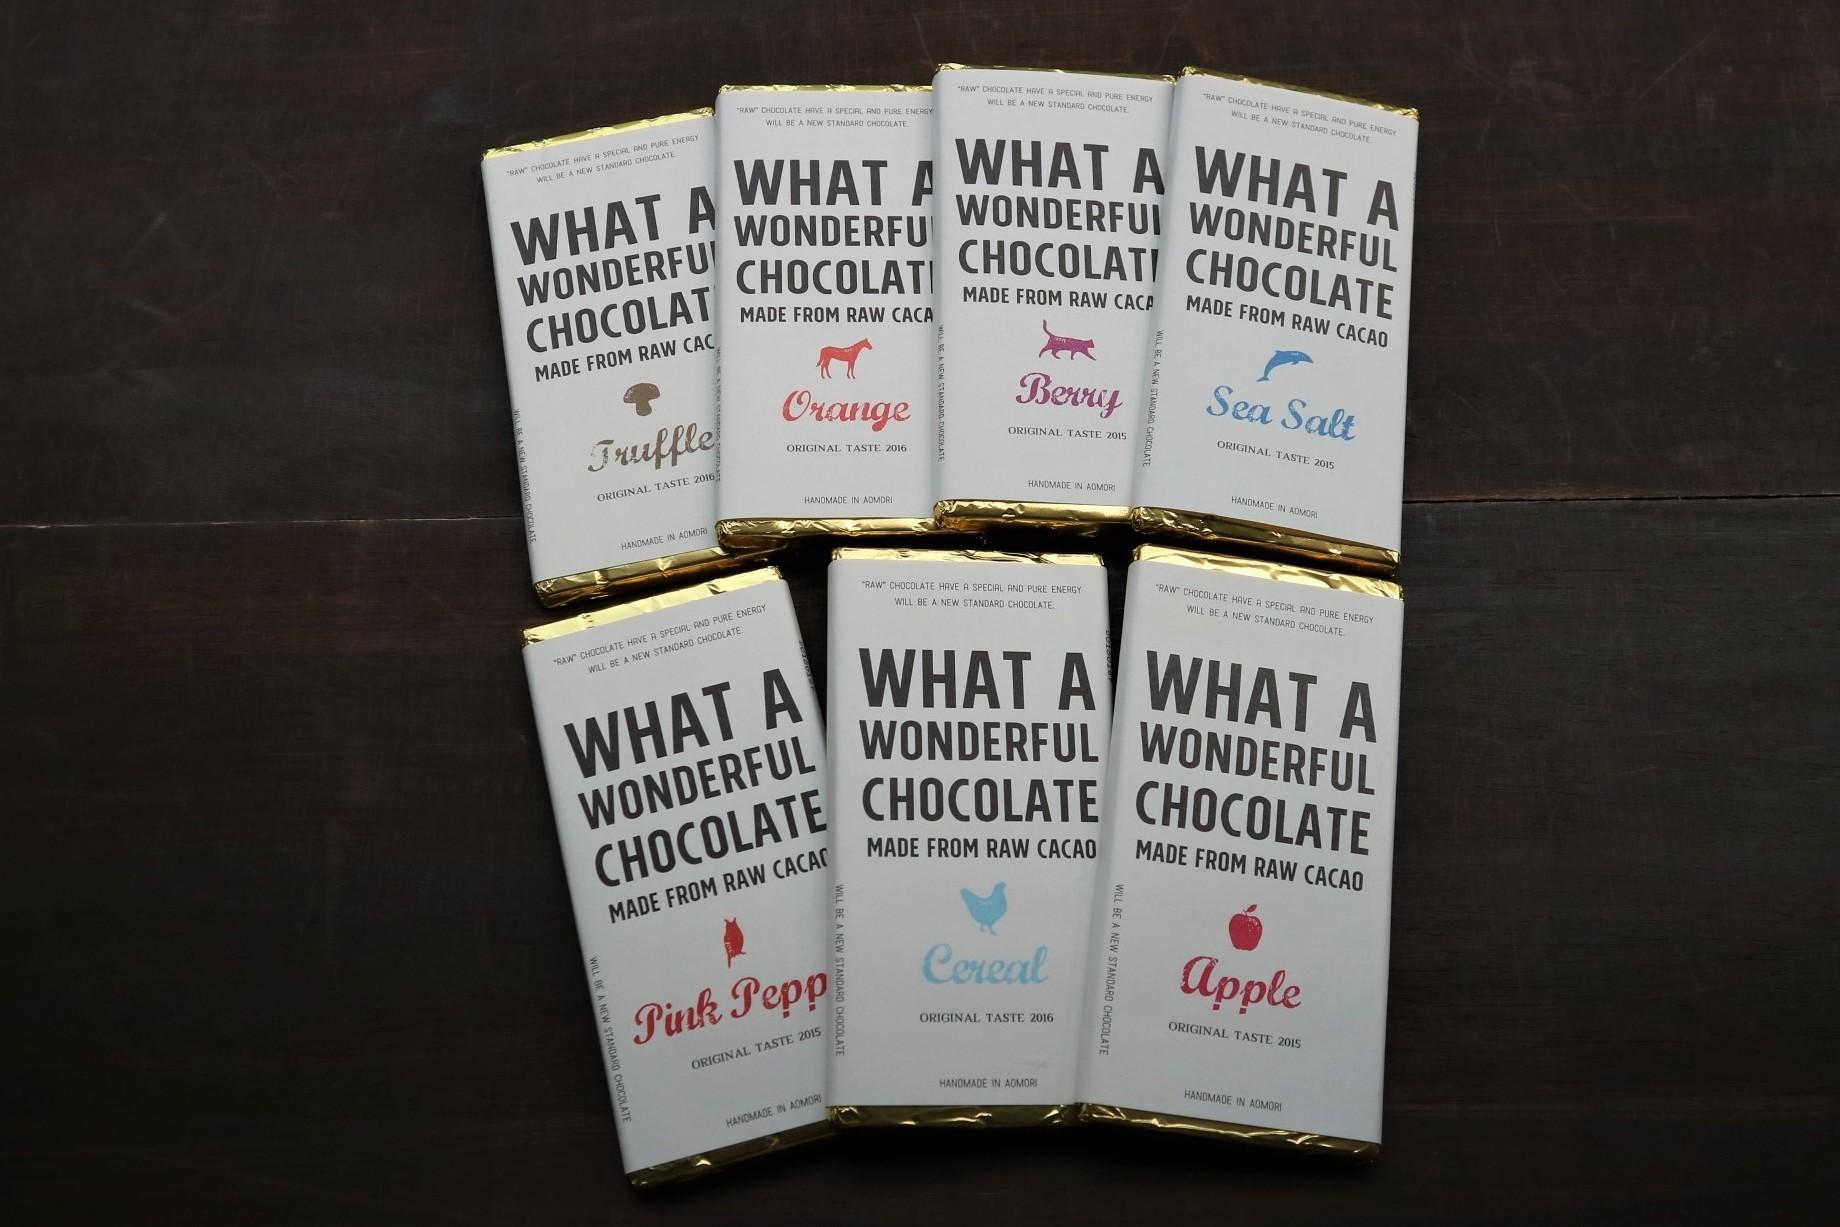 WHAT A WONDERFUL CHOCOLATE 神楽坂プリュス